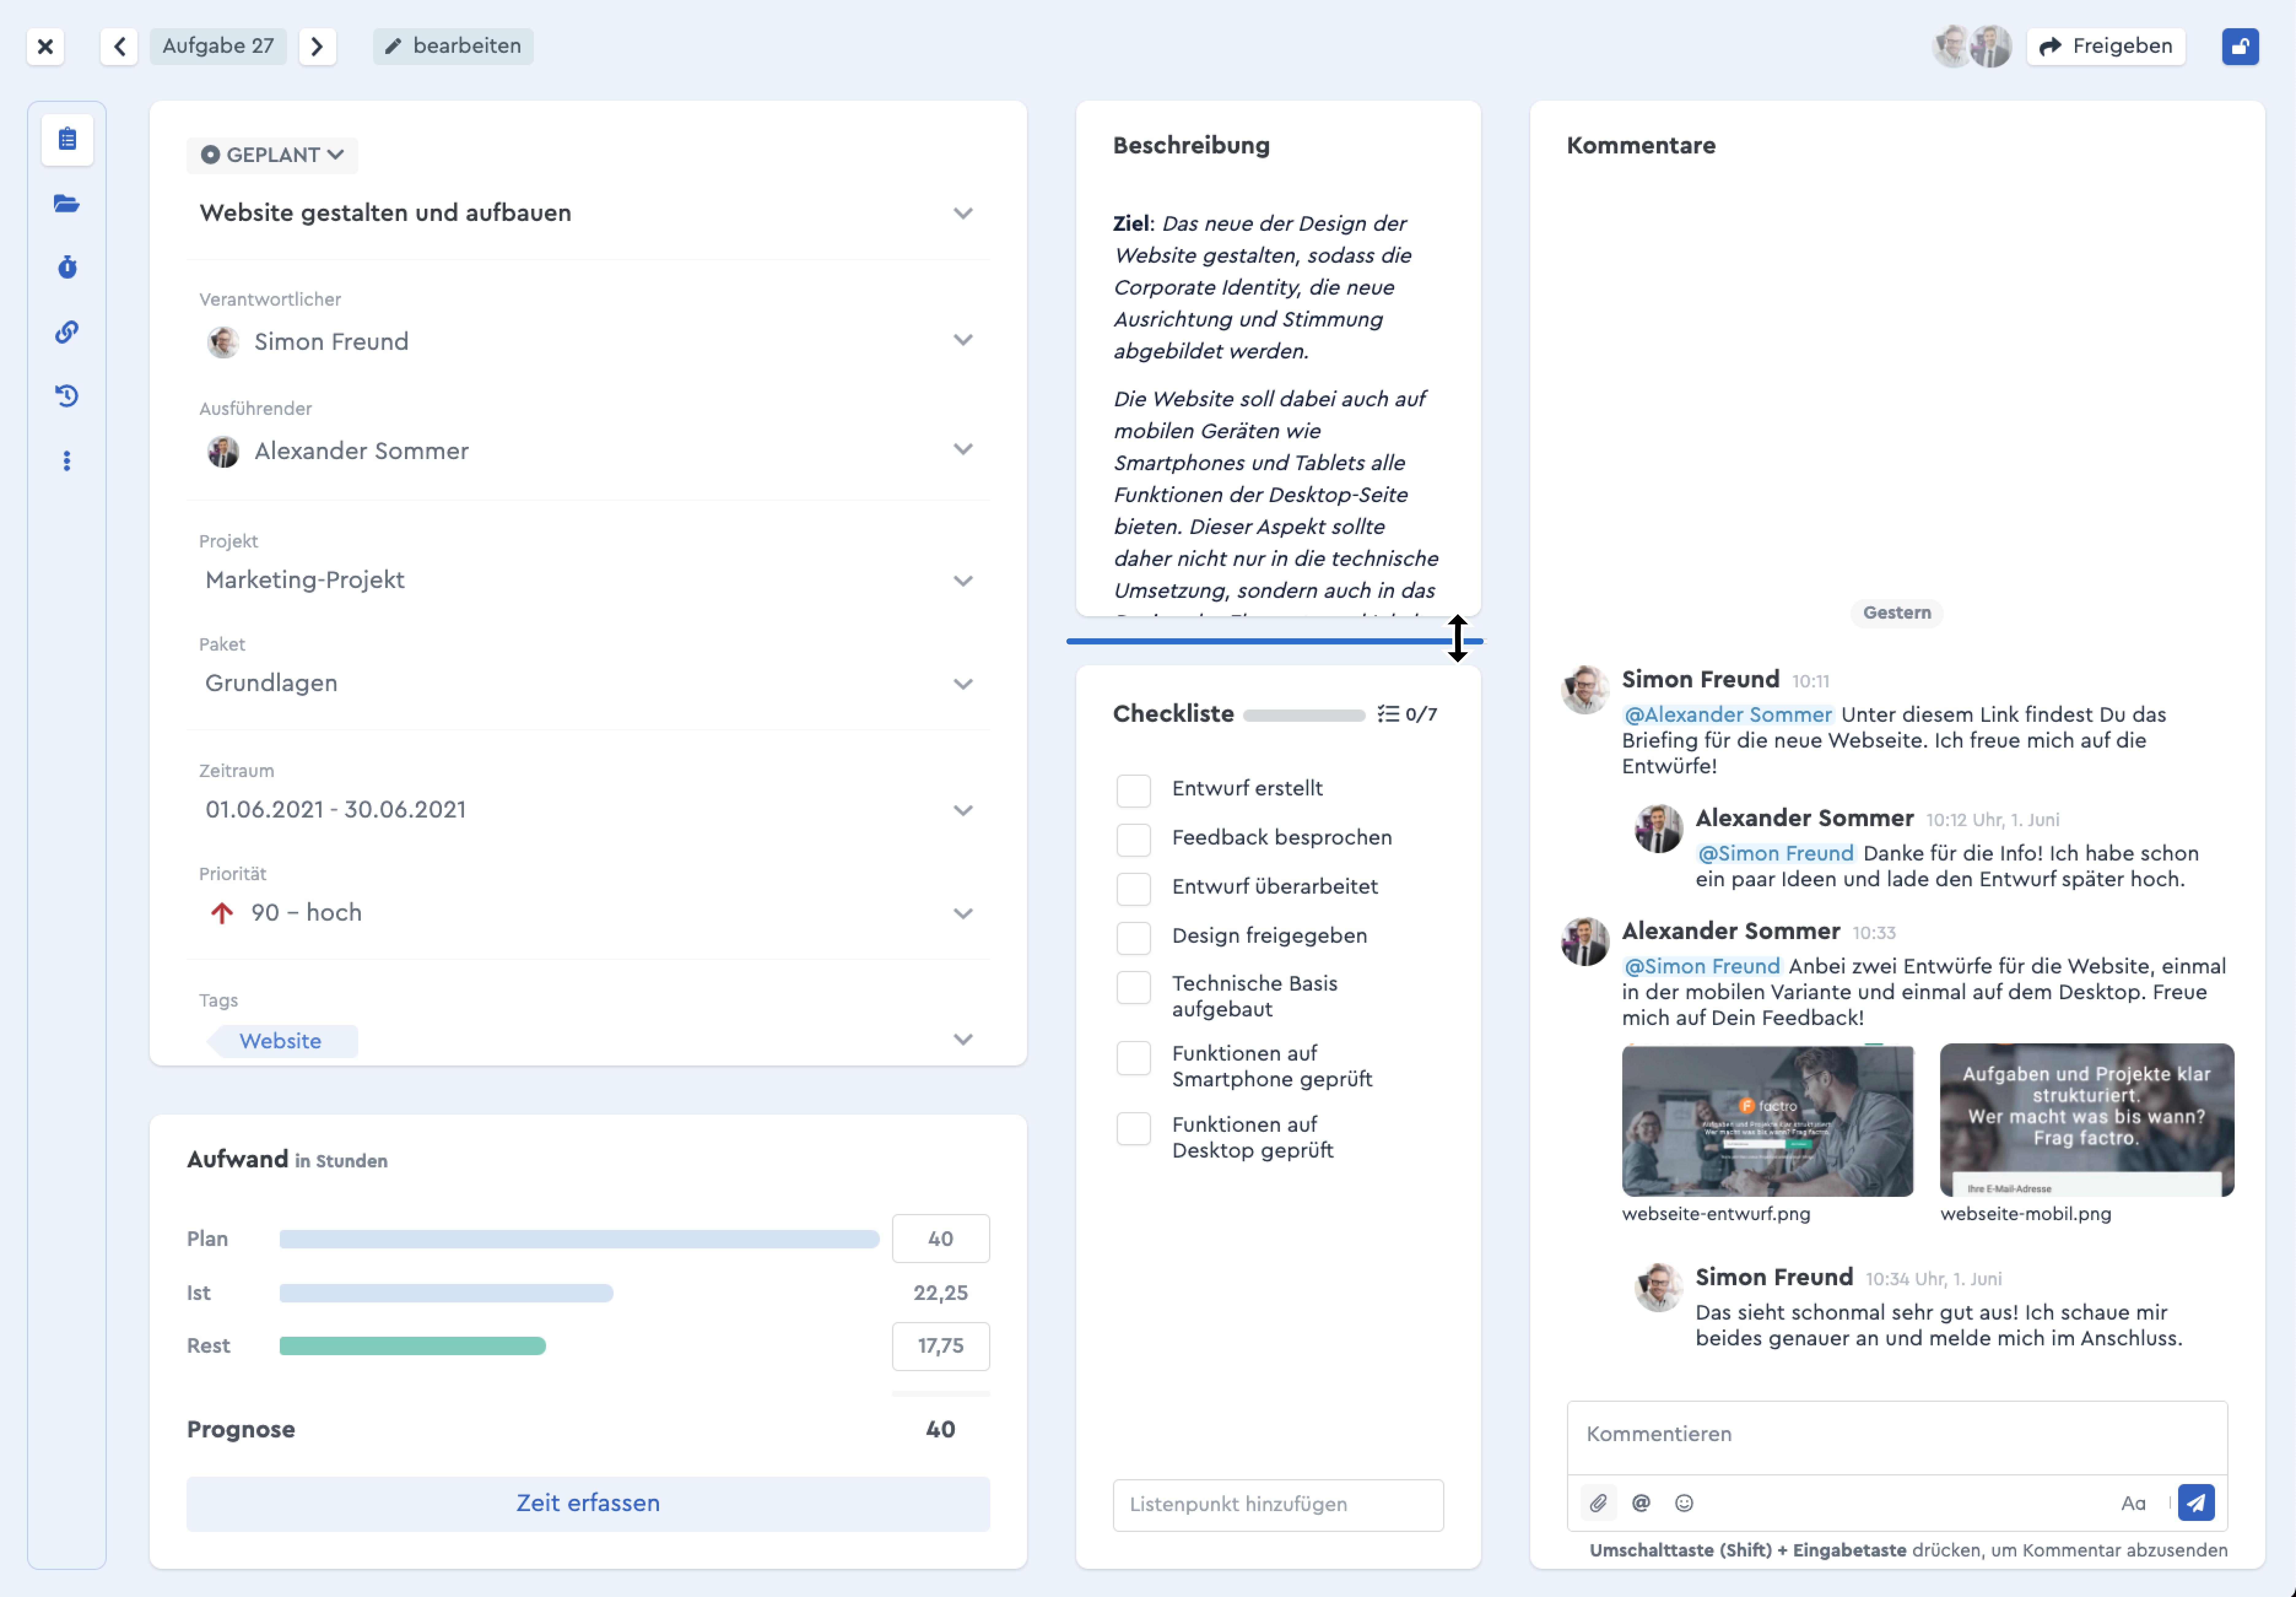 Ein Screenshot, der die flexible Größe der Aufgabenbereiche in factro zeigt